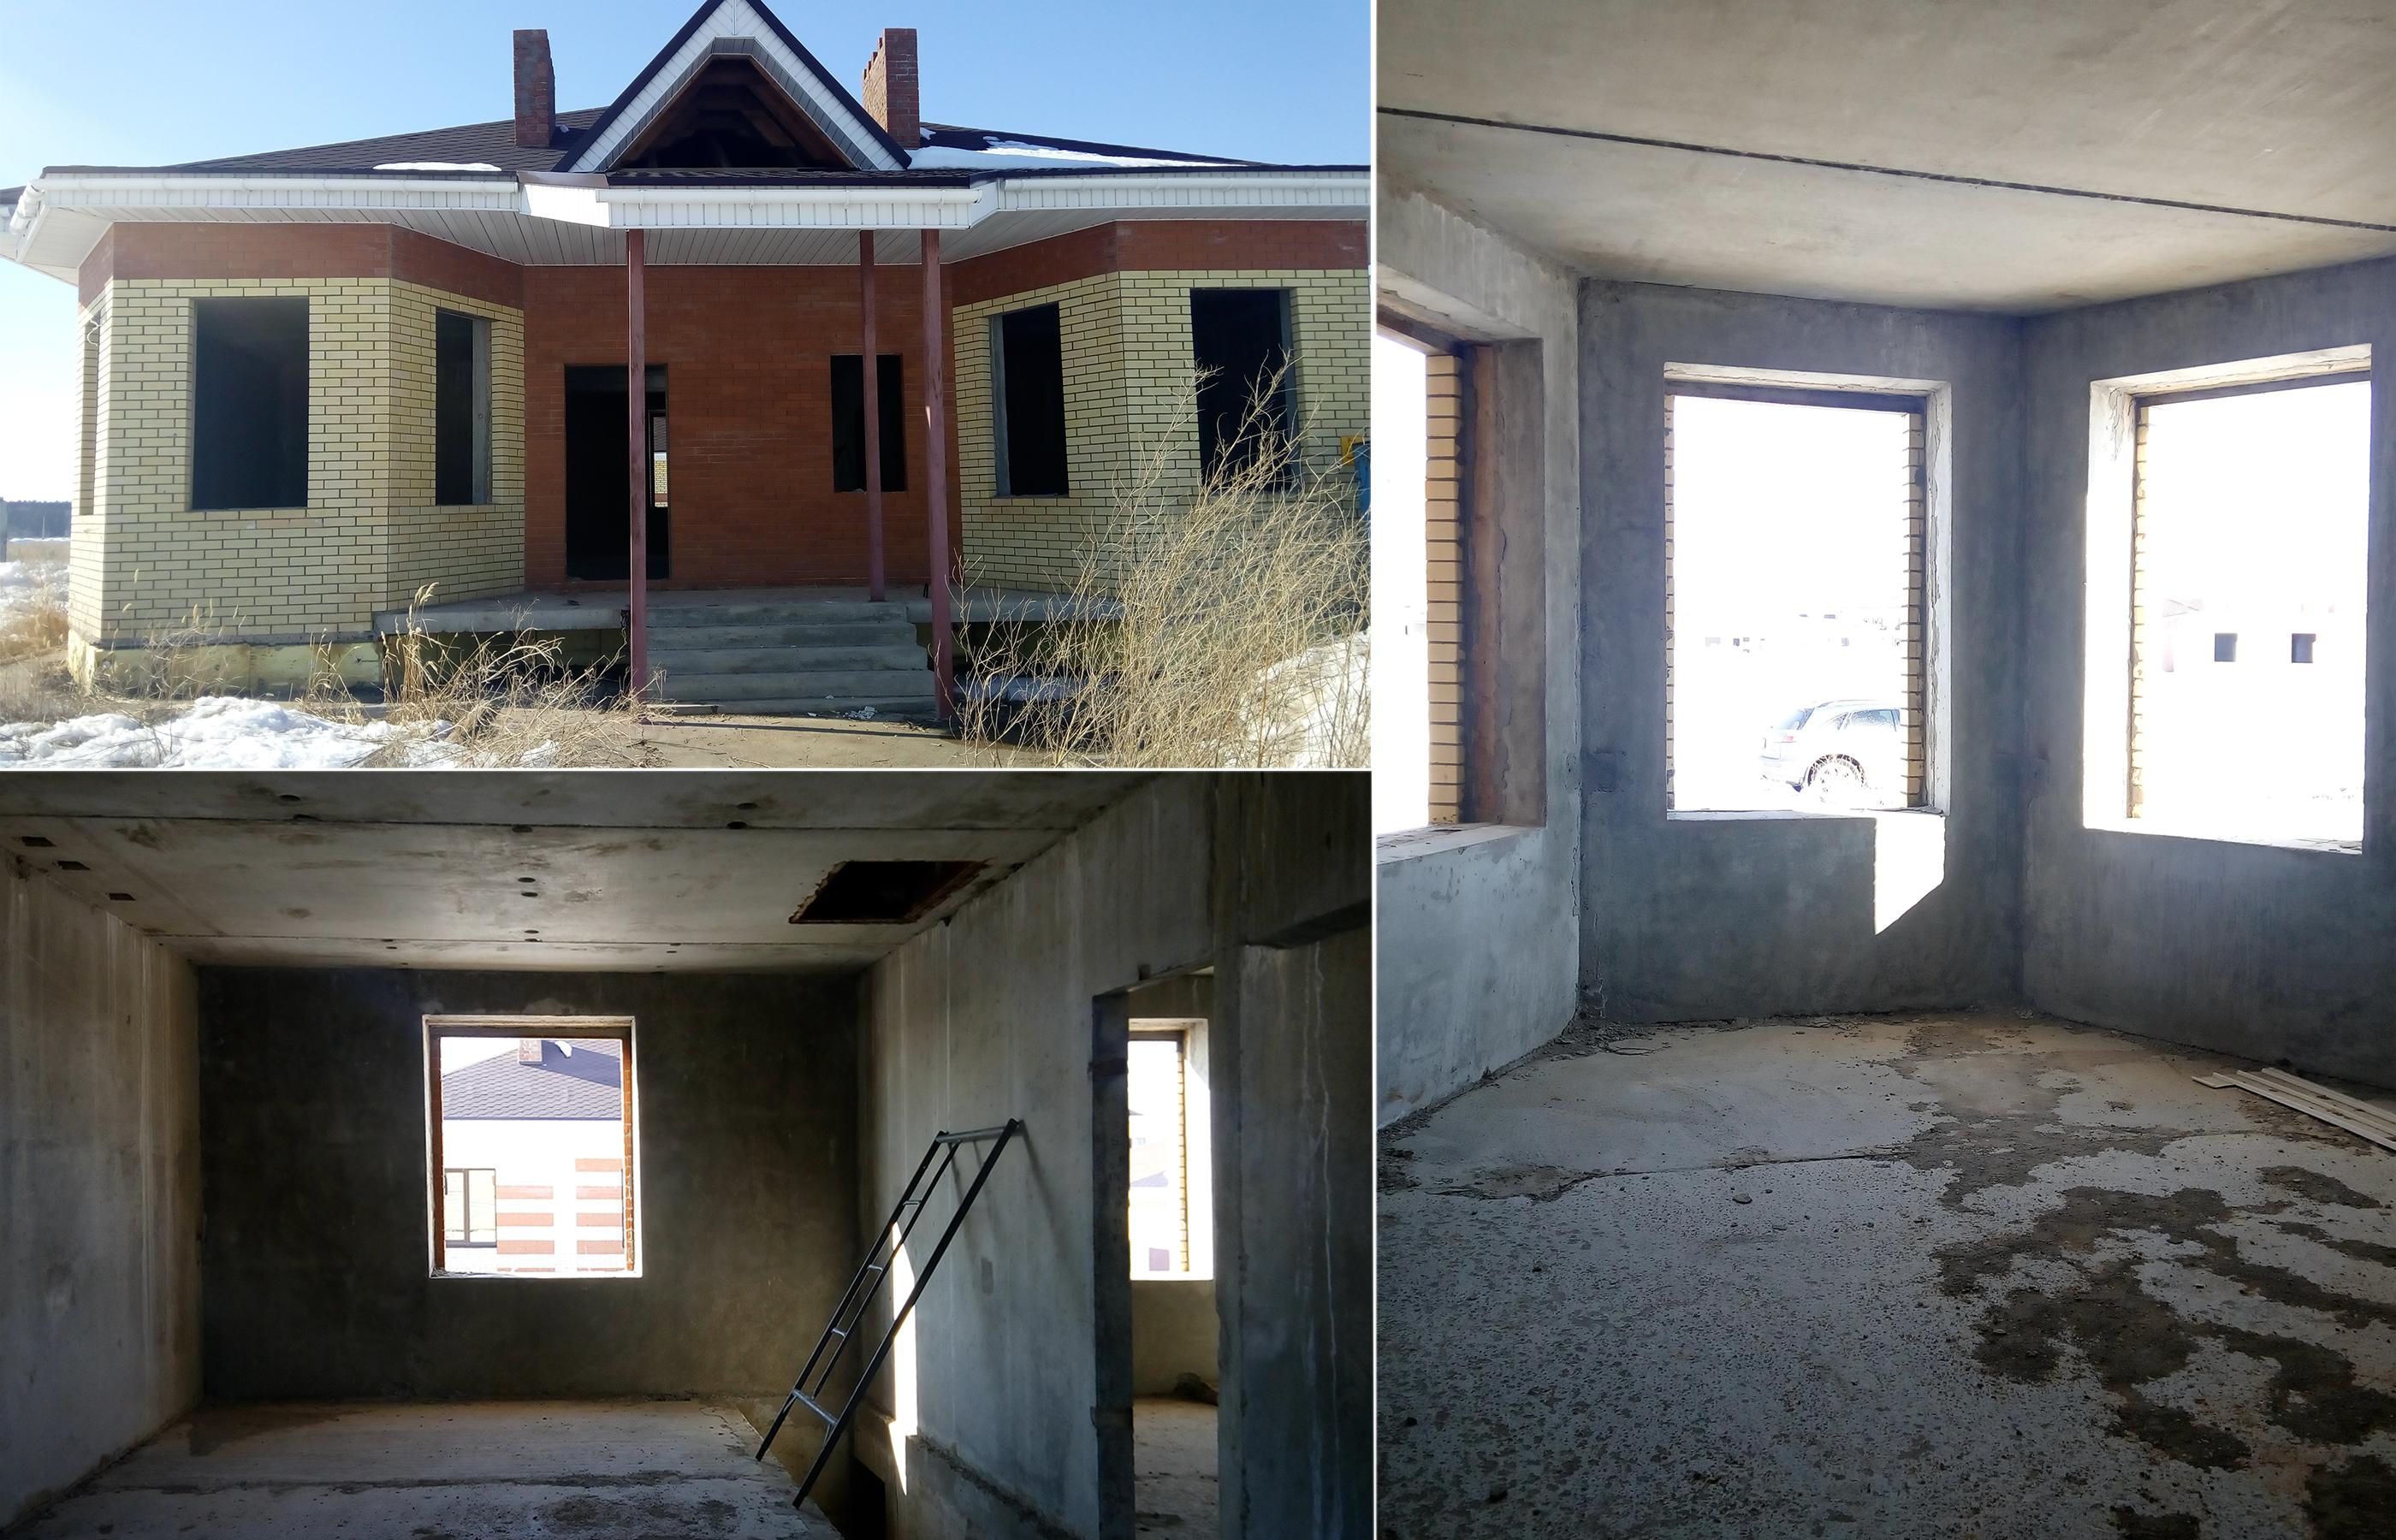 Начало работы над проектом дизайна интерьера дома